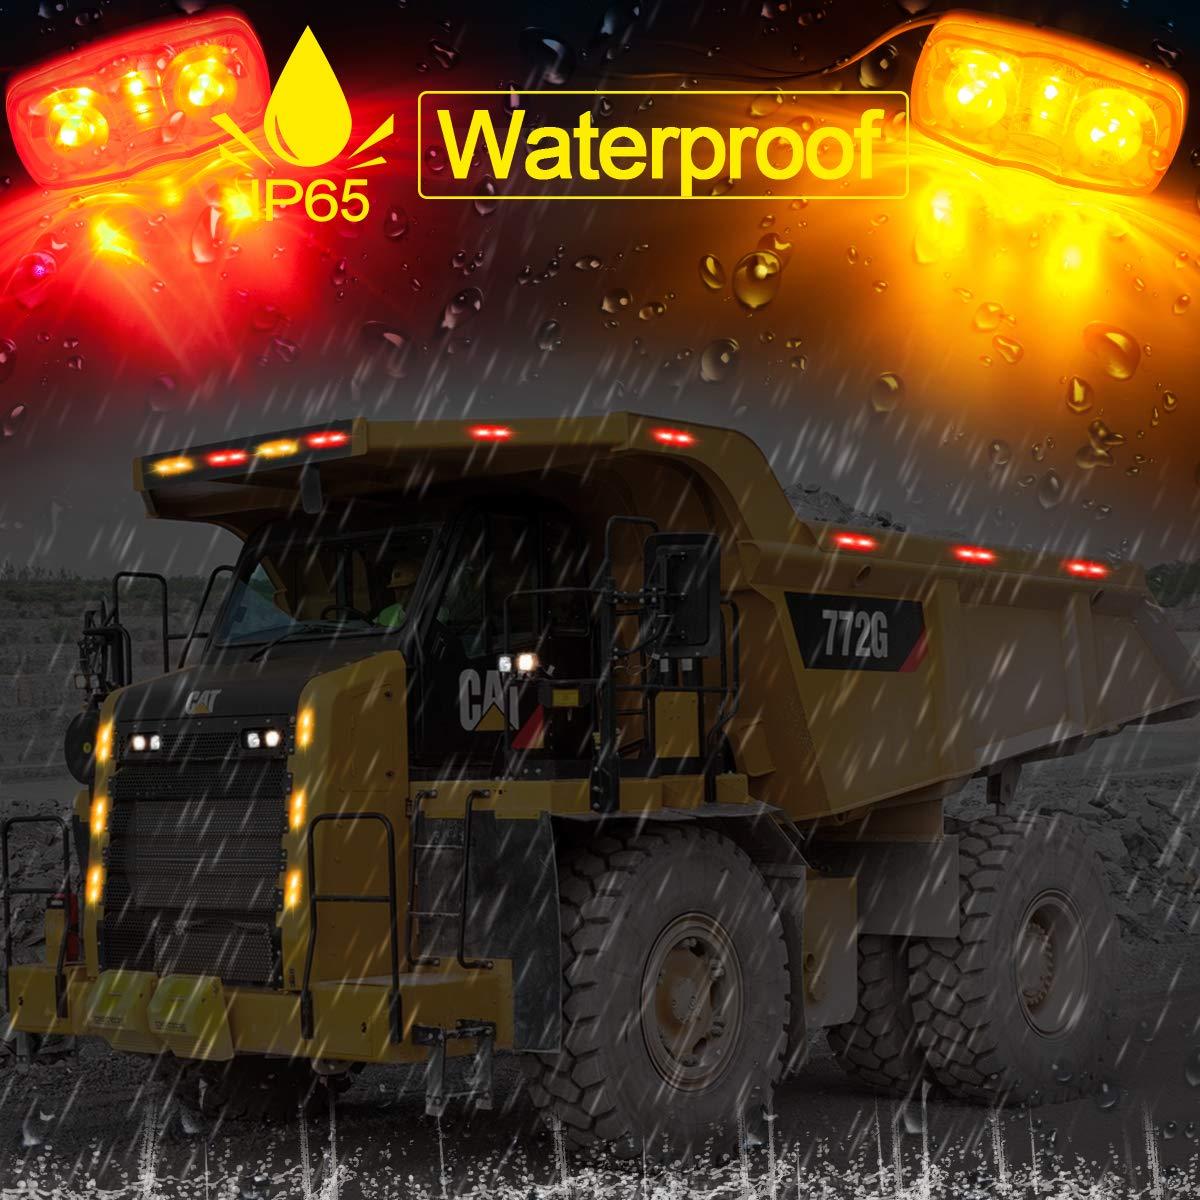 LIMICAR 5PCS LED Side Marker Lights 10 Diodes Double Bullseye Amber LED Trailer Truck Side Marker Light Indicator Tiger Eye Lamp